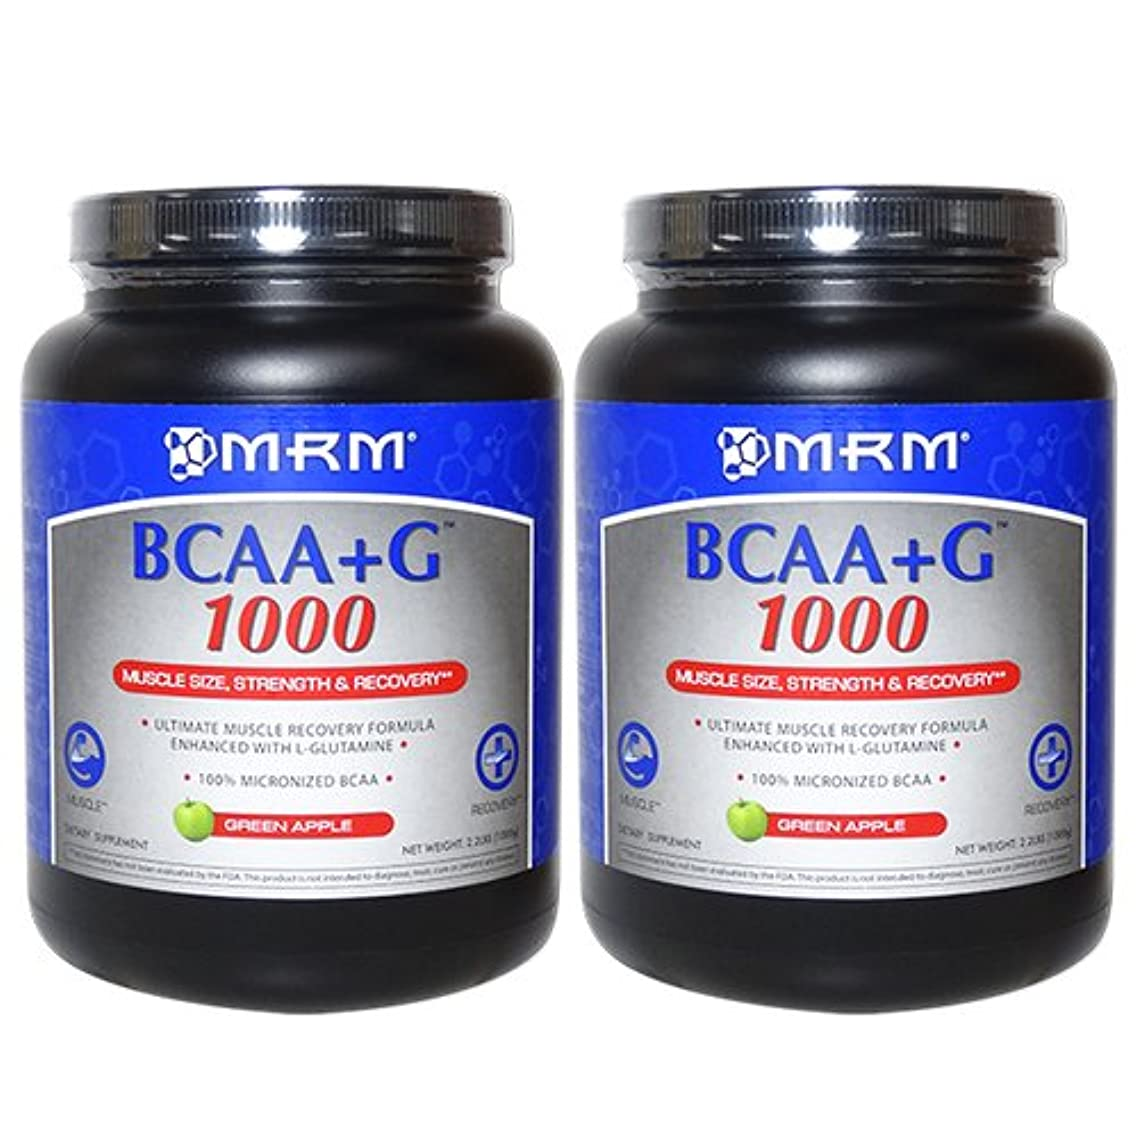 ハプニング師匠詐欺BCAA+G1000 グリーンアップル味 1kg [海外直送品]